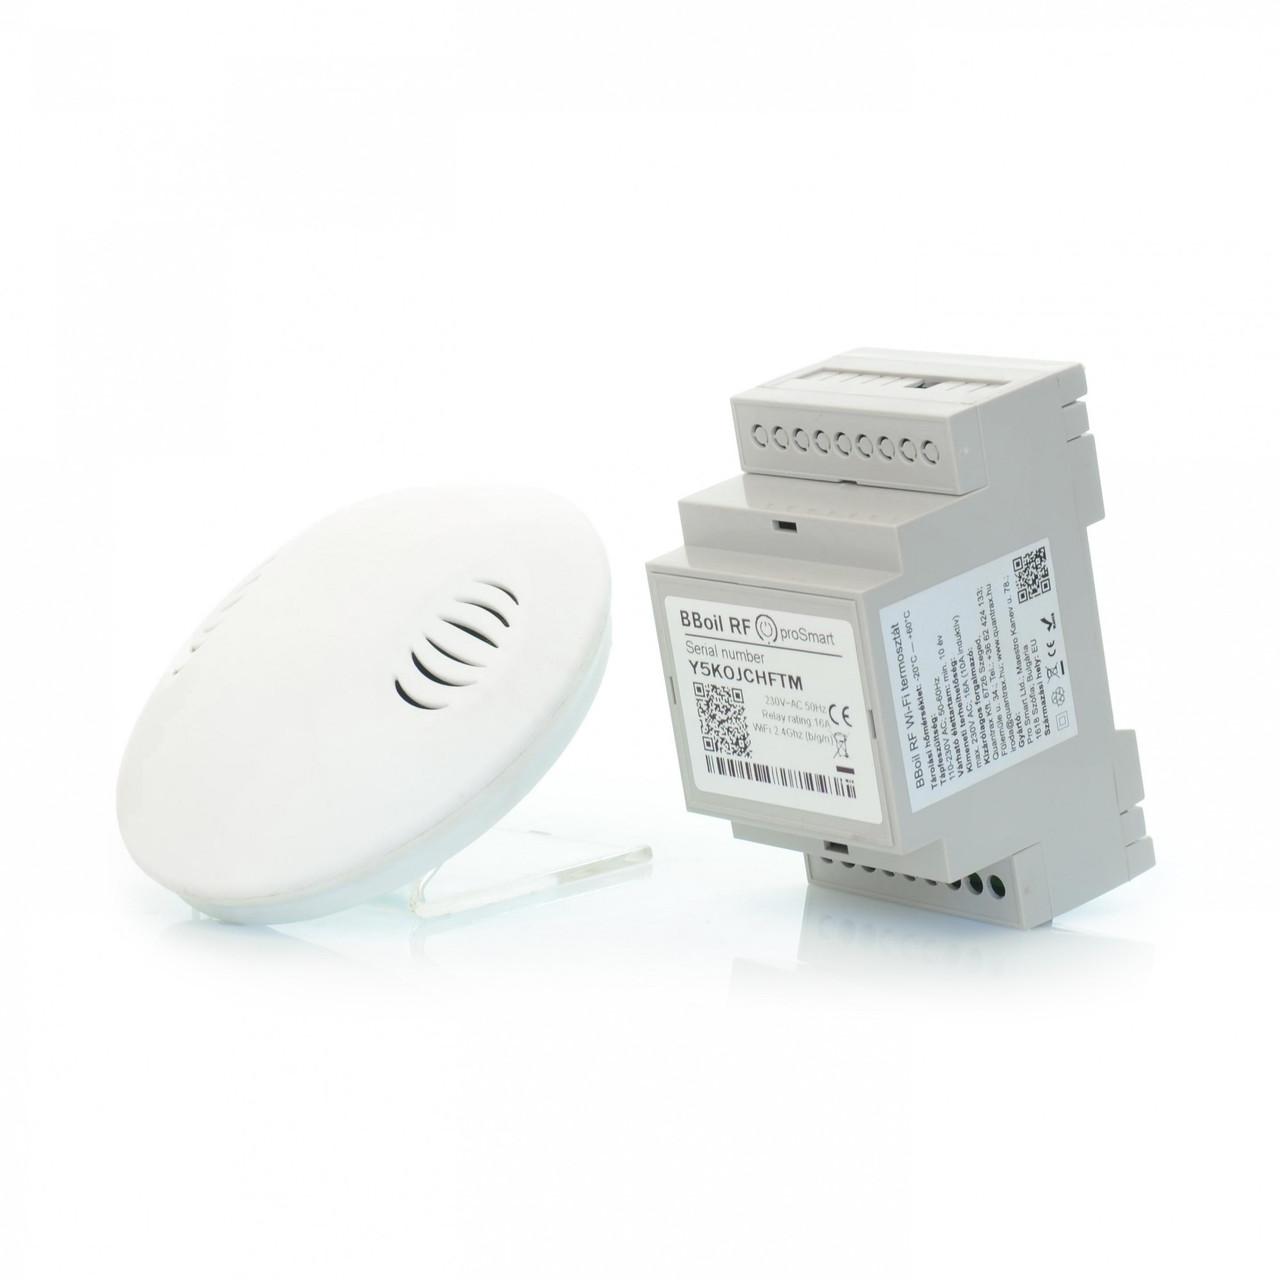 Беспроводной Wi-Fi терморегулятор COMPUTHERM B300 RF (ProSmart Bboil RF) компьютерм